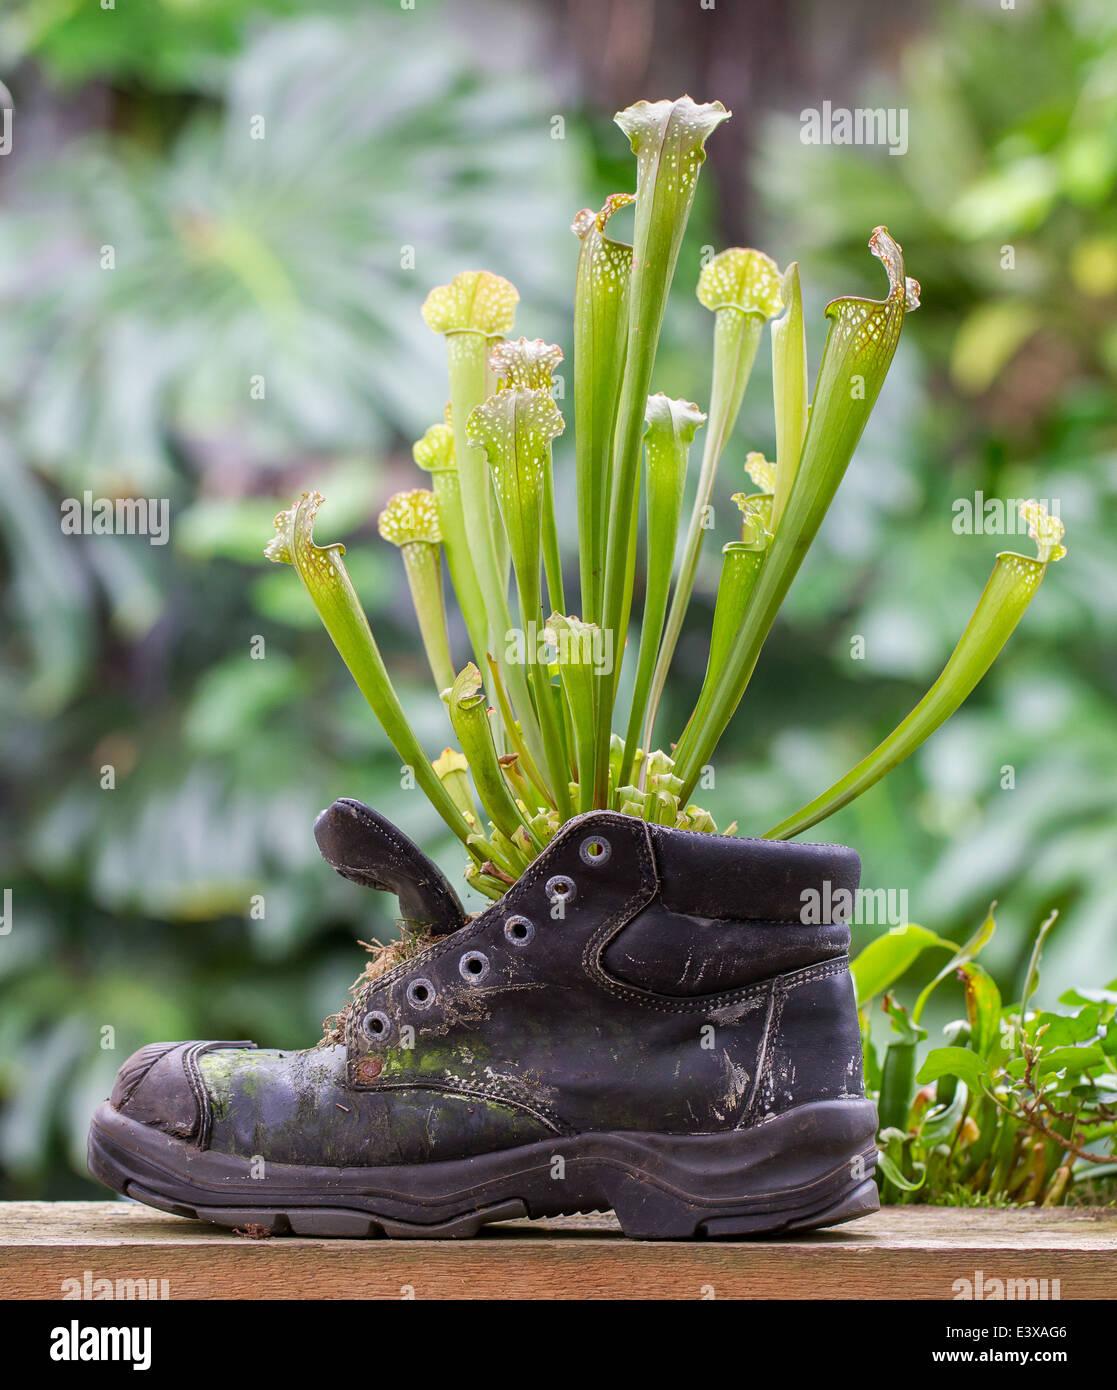 La force de la nature, de la sarracénie dans une vieille chaussure Photo Stock